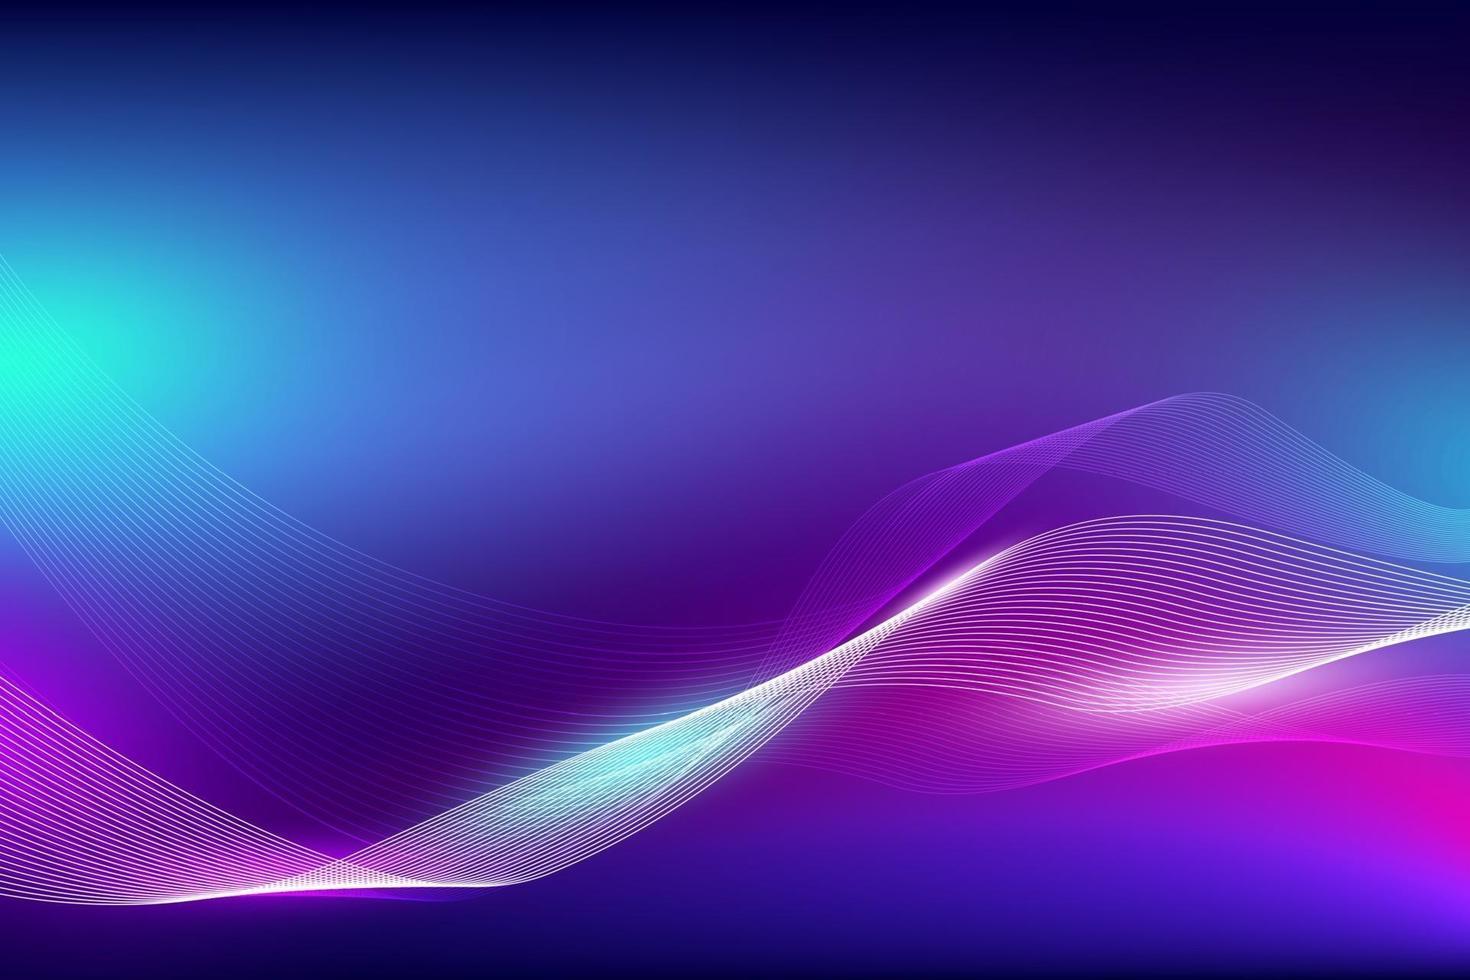 abstrakte flüssige Farbe und Linienwelle mit heller Hintergrundvektorillustration vektor